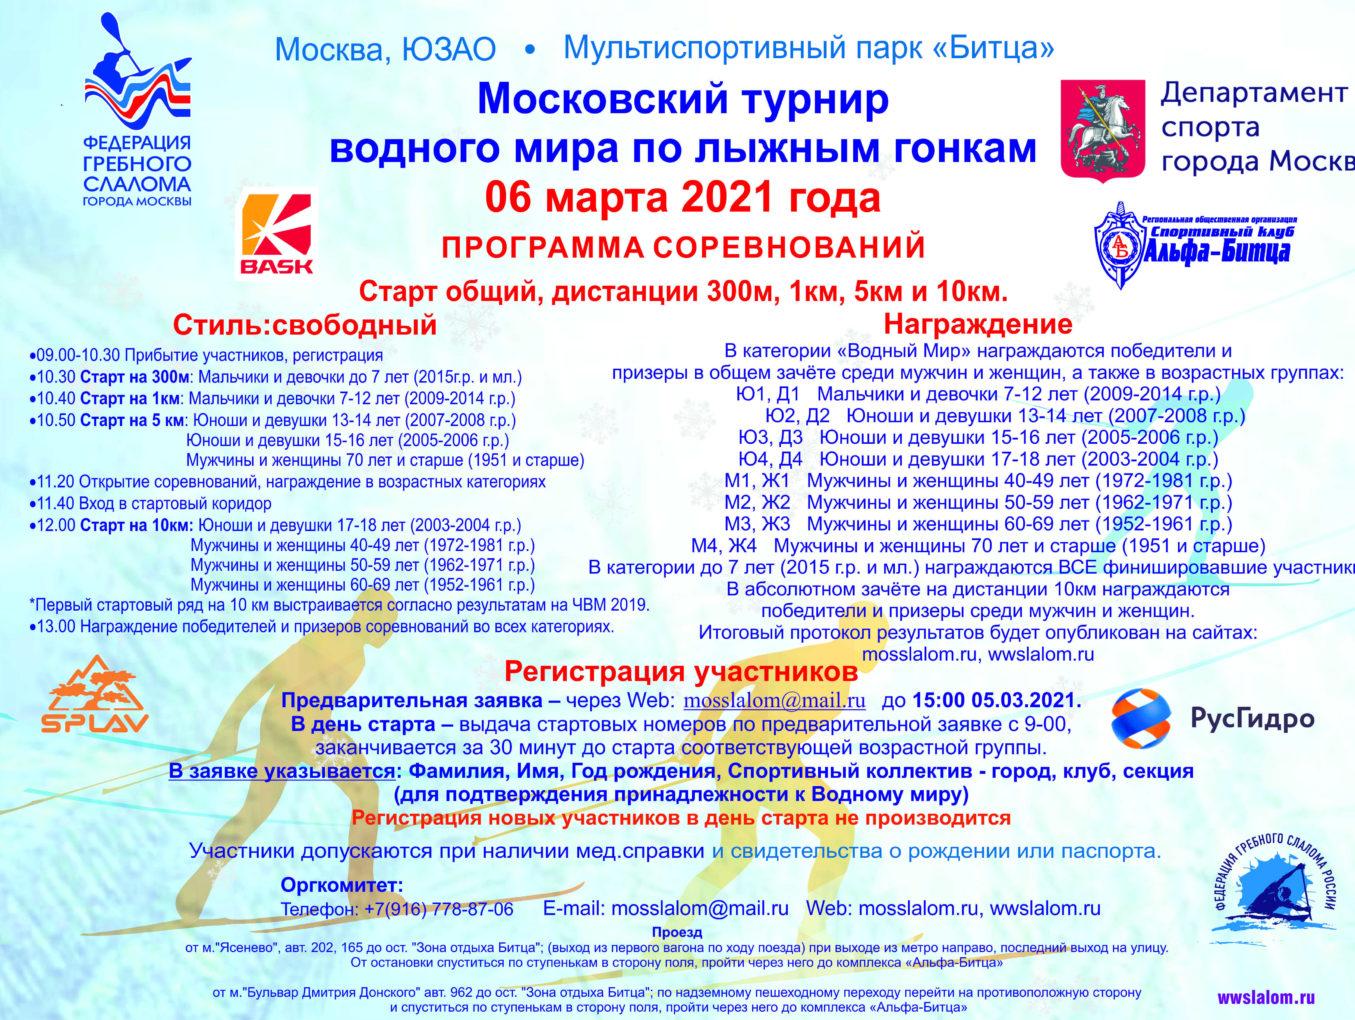 Чемпионат водного мира по лыжным гонкам пройдет 6 марта